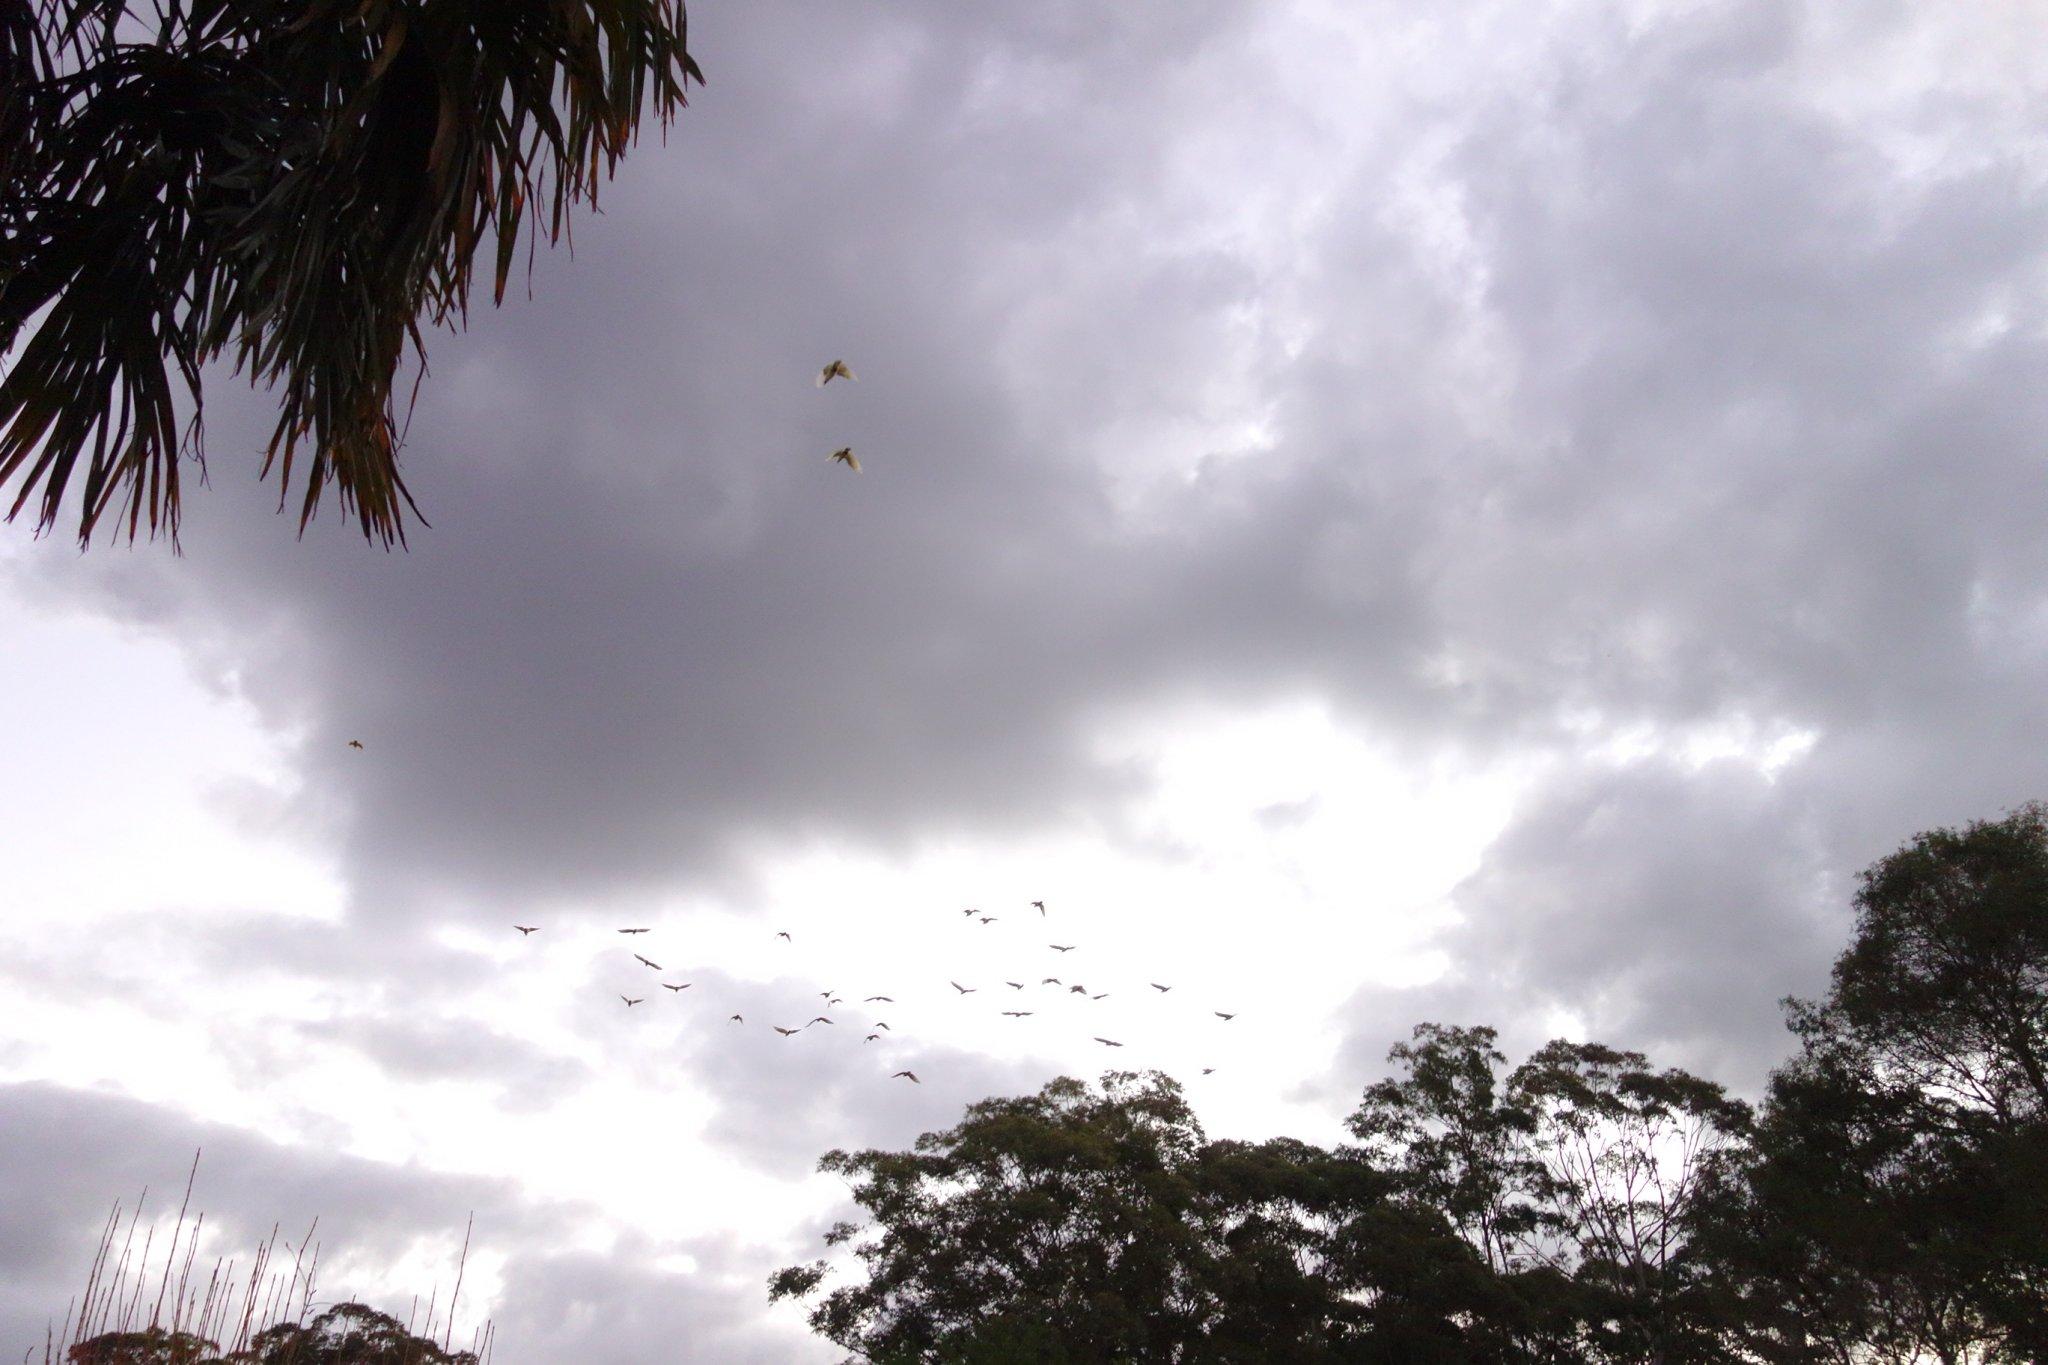 DSC07005___ Flock of Cockatoos coming to roost.JPG